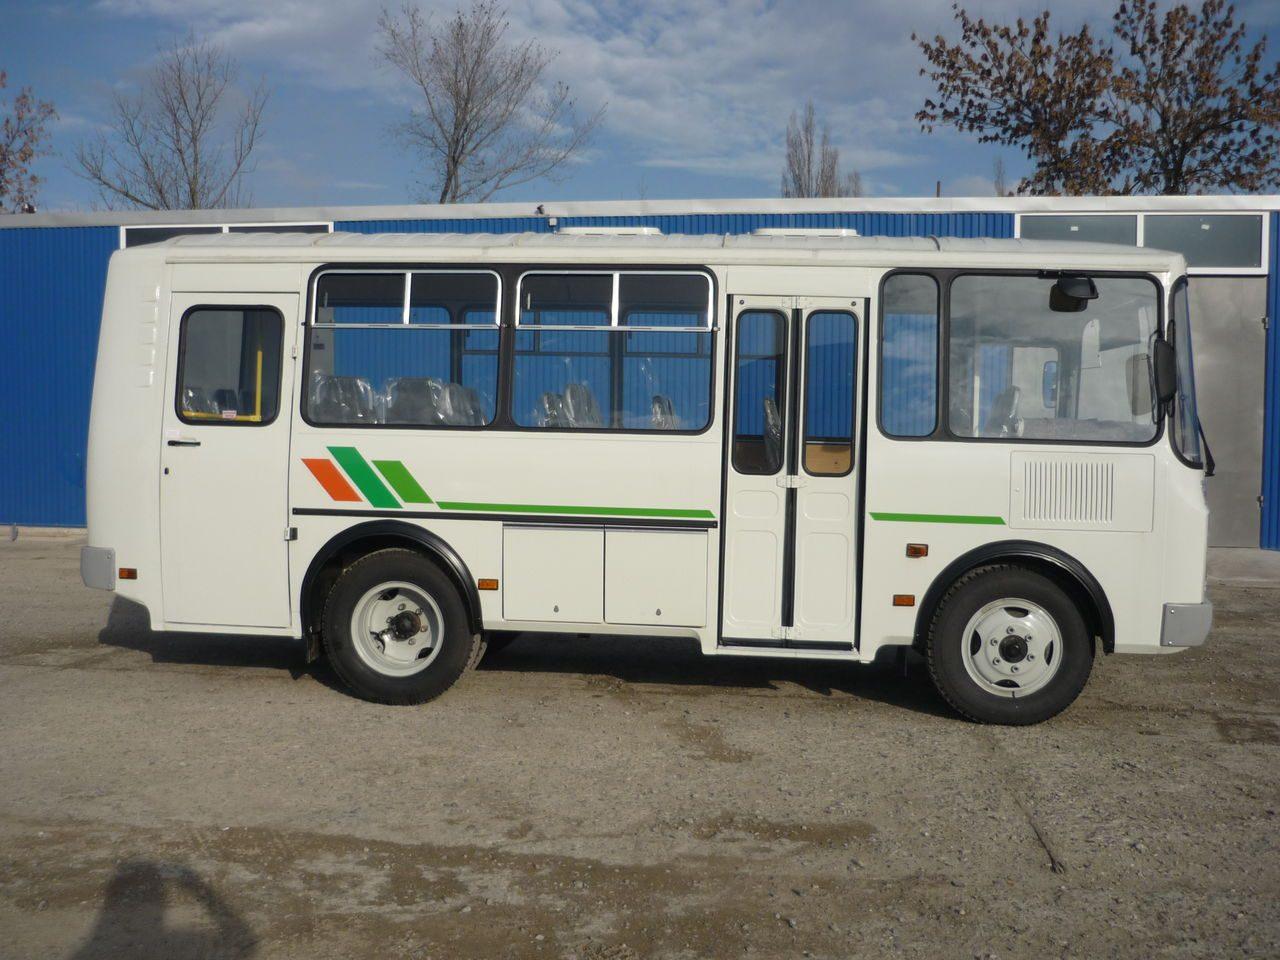 Прокуратура потребовала наладить регулярное автобусное сообщение до Желтого Яра и Пронькино